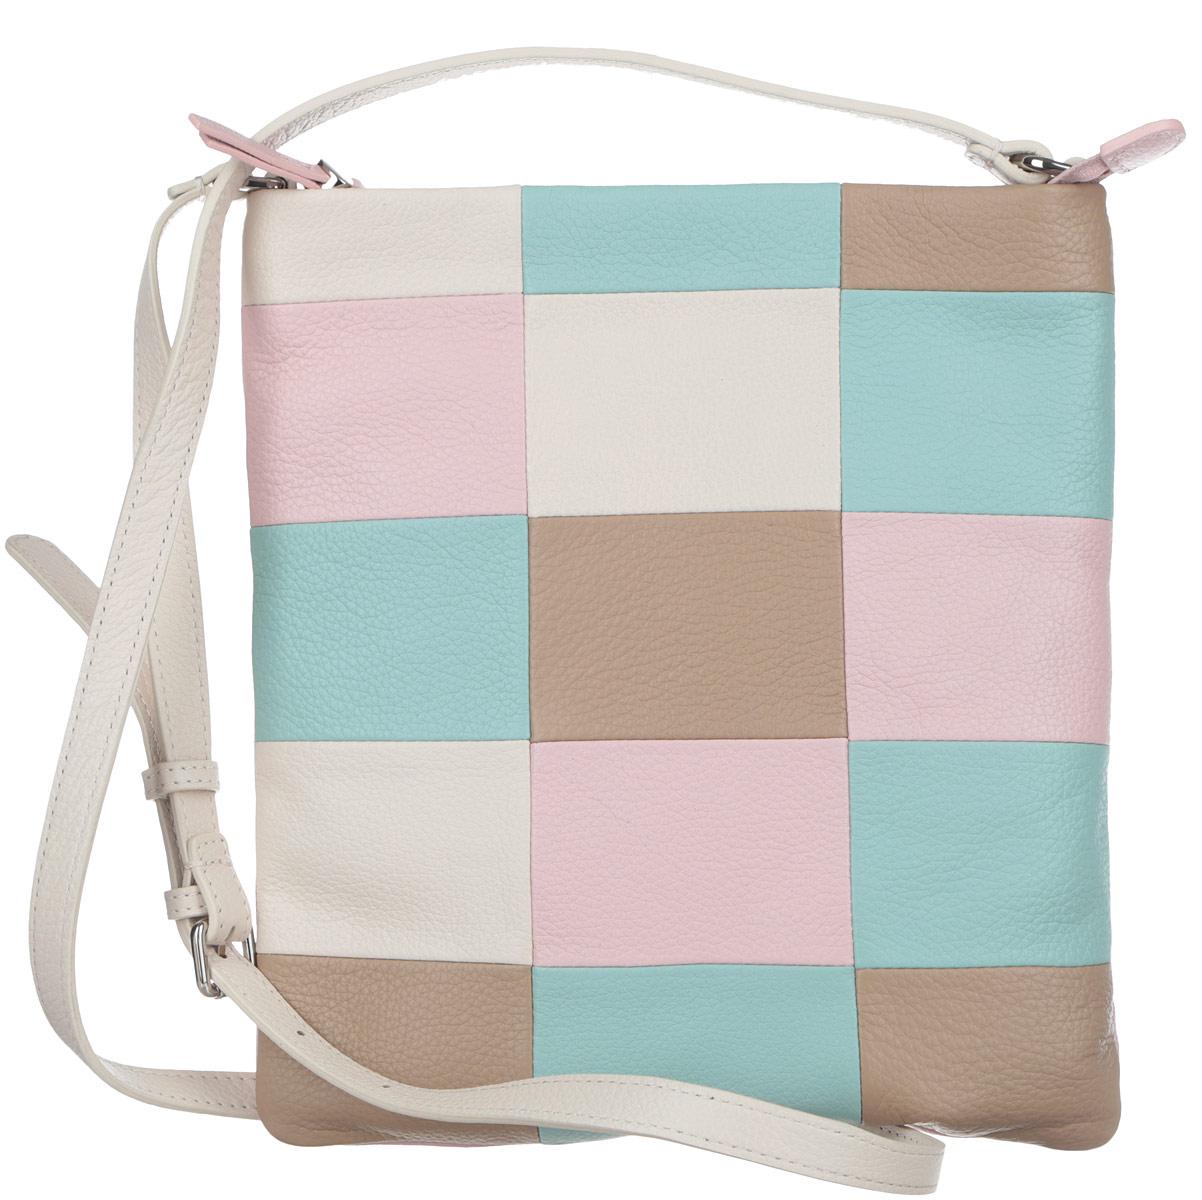 Сумка женская Pimo Betti, цвет: светло-бежевый, ментоловый, розовый, светло-коричневый. 13869B1-W213869B1-W2Яркая женская сумка кросс-боди торговой марки Pimo Betti выполнена из натуральной кожи с зернистой фактурой, оформлена геометрическим принтом. Изделие состоит из одного отделения, которое закрывается на пластиковую застежку-молнию. Сумка содержит нашивной открытый карман и врезной карман на пластиковой застежке-молнии. Снаружи, на задней стороне сумки, расположен прорезной кармашек на молнии. Изделие оснащено несъемным плечевым ремнем, длина которого регулируется металлической пряжкой. Прилагается фирменный текстильный чехол для хранения. Оригинальный аксессуар позволит вам завершить образ и быть неотразимой.